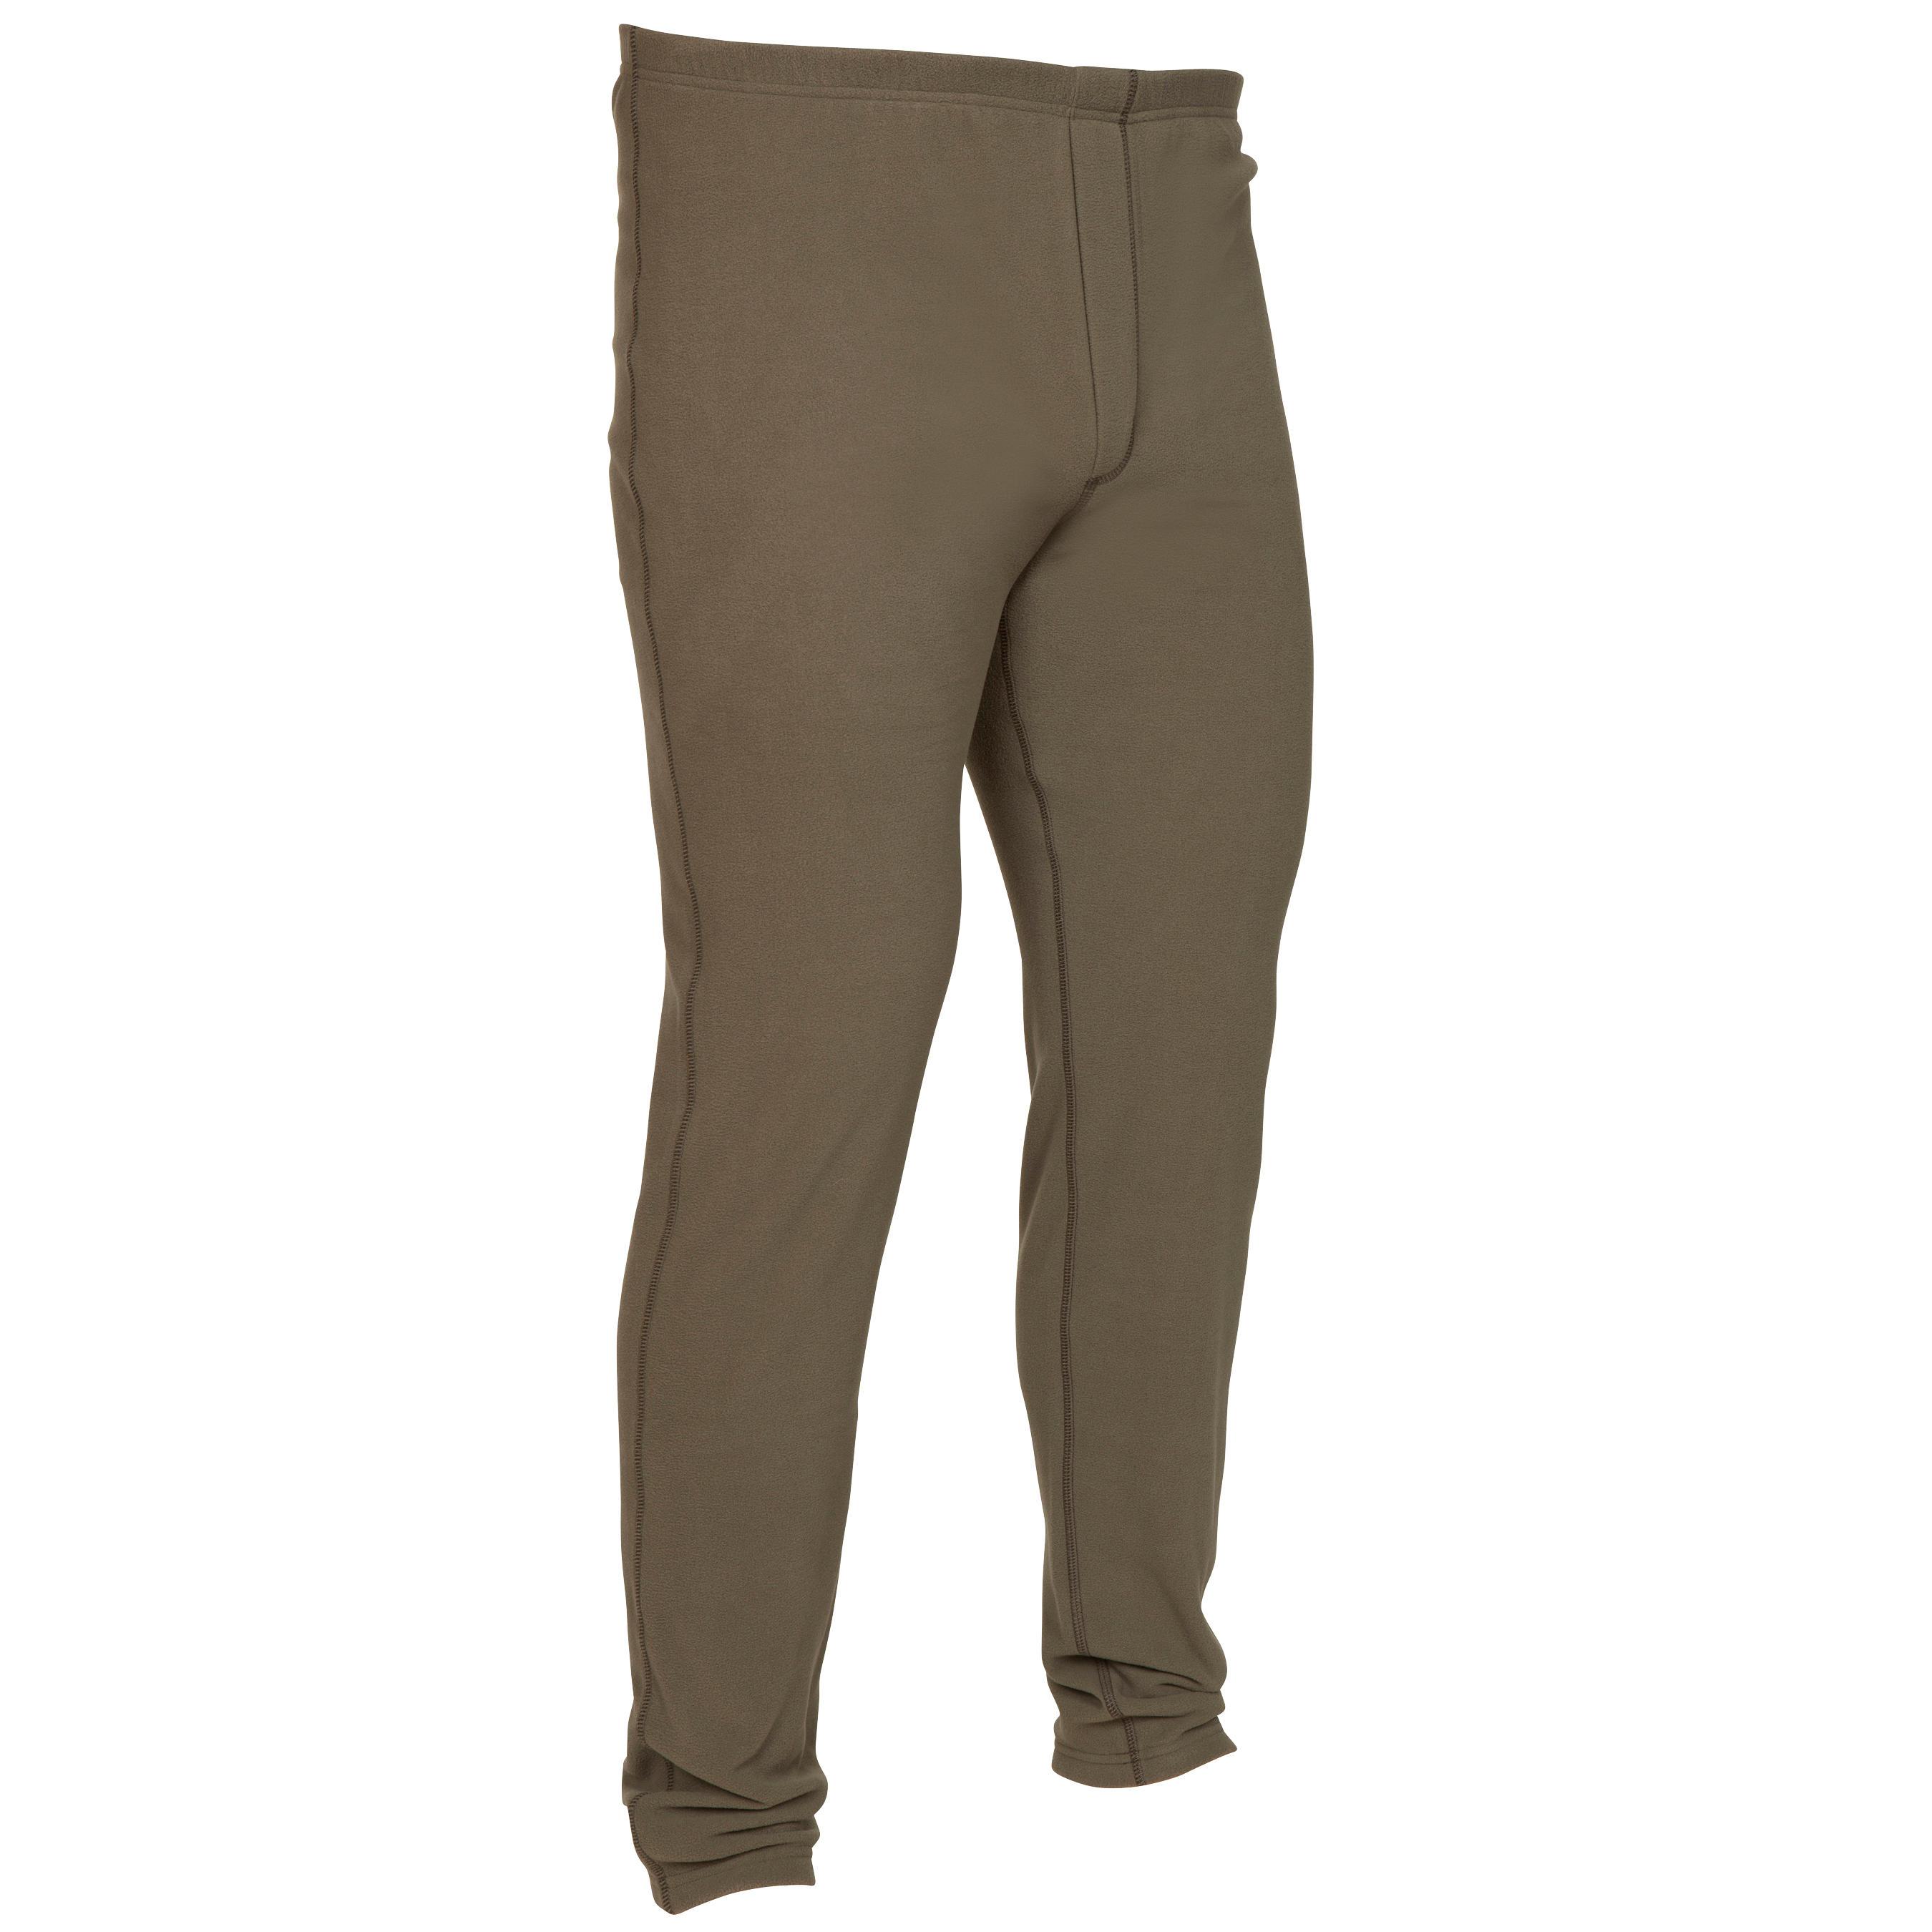 Solognac Thermische legging voor de jacht 100 groen